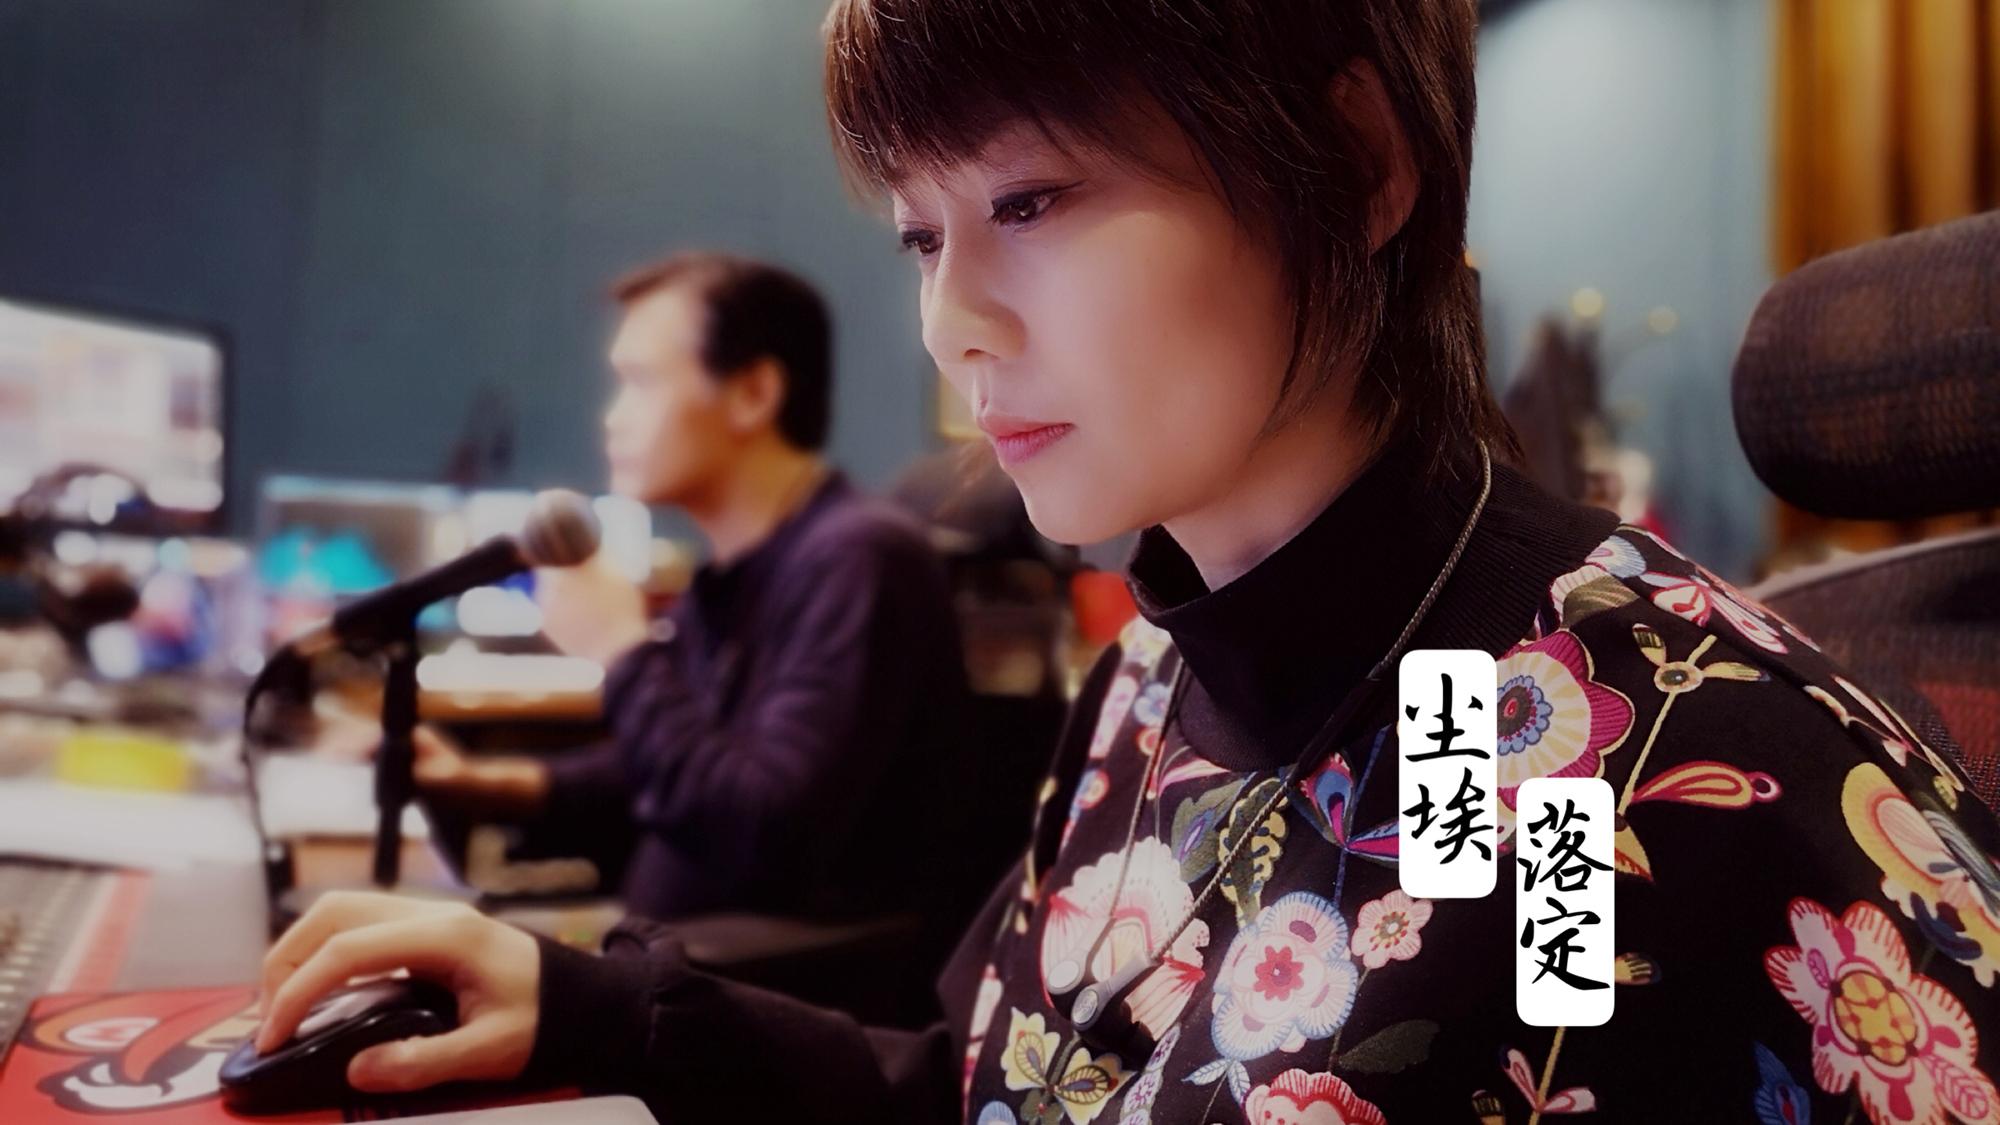 亢竹青加盟舞剧《尘埃落定》 10月31日国家大剧院首演